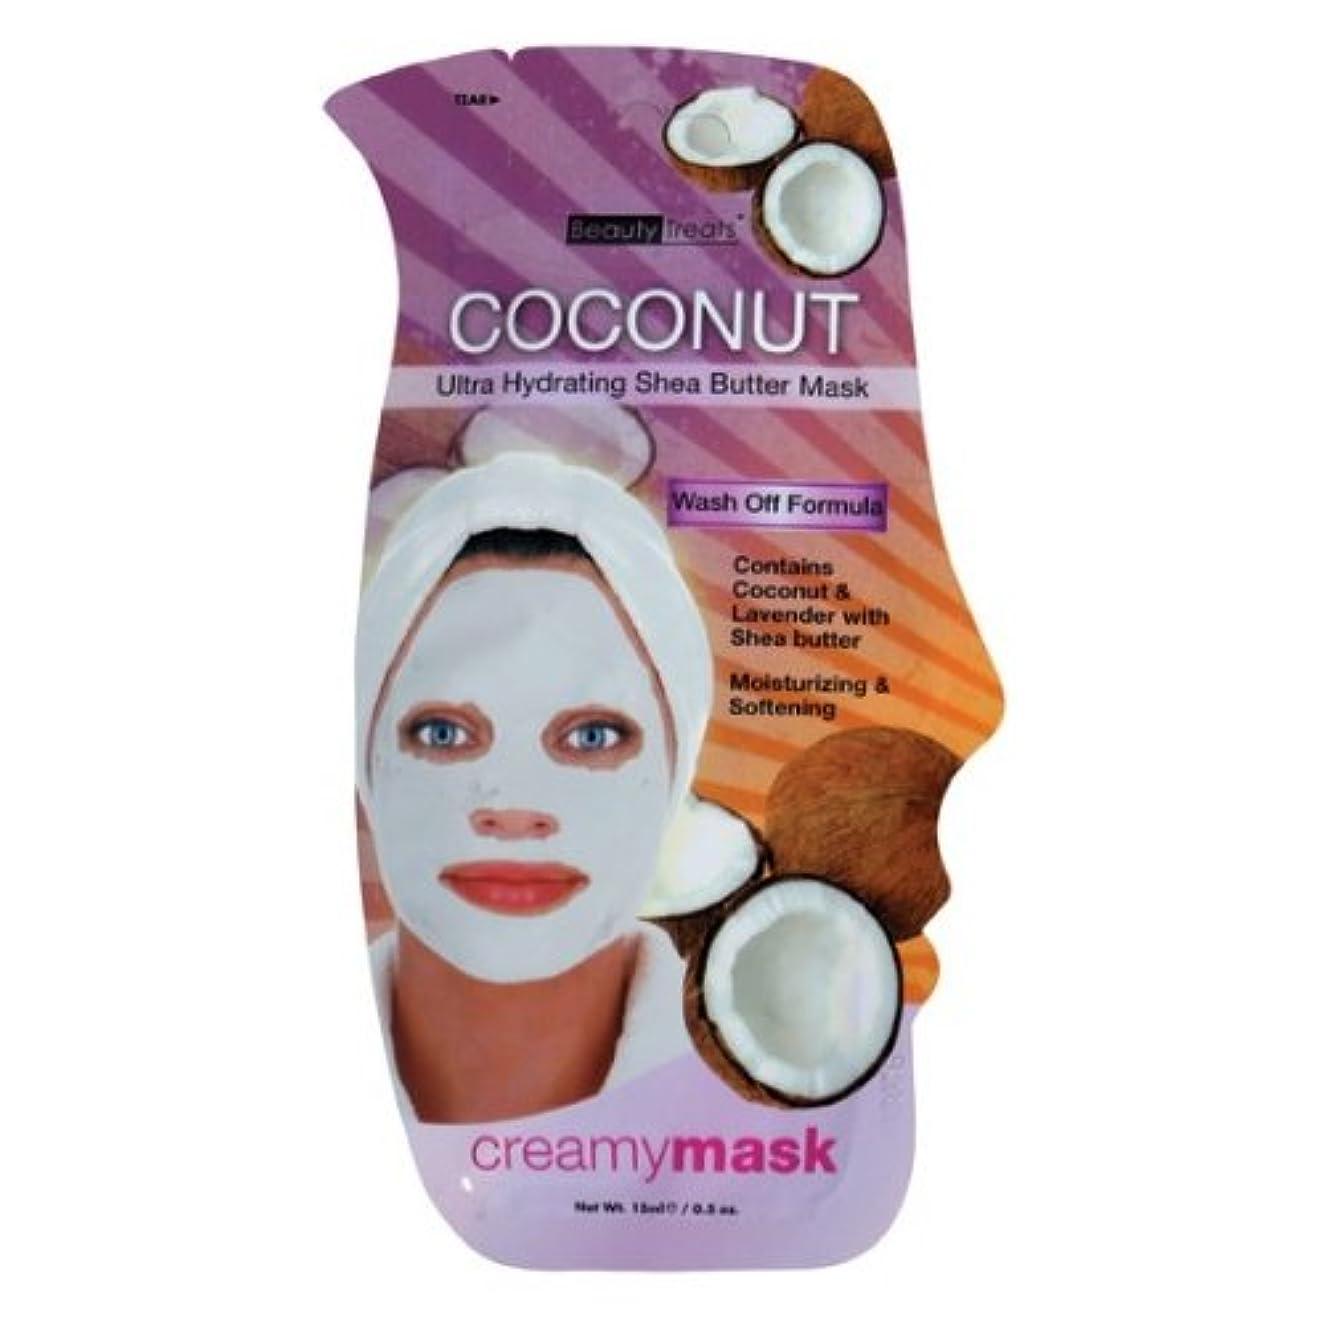 打撃計器所有者(3 Pack) BEAUTY TREATS Coconut Ultra Hydrating Shea Butter Mask - Coconut (並行輸入品)